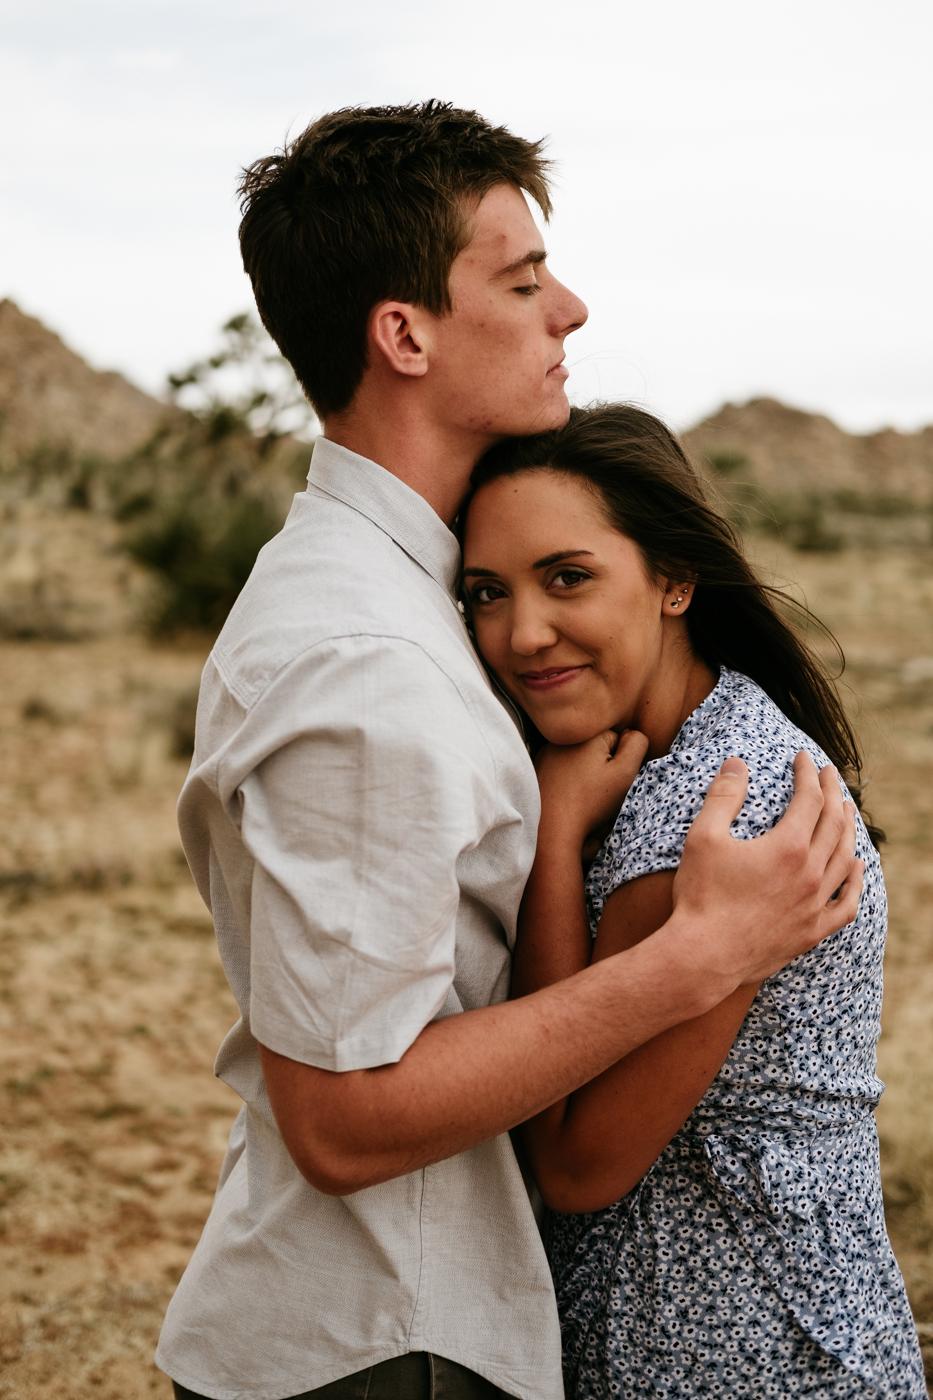 Baliey+Thomas.Engagement.JoshuaTree©mileswittboyer.com2018-2.jpg